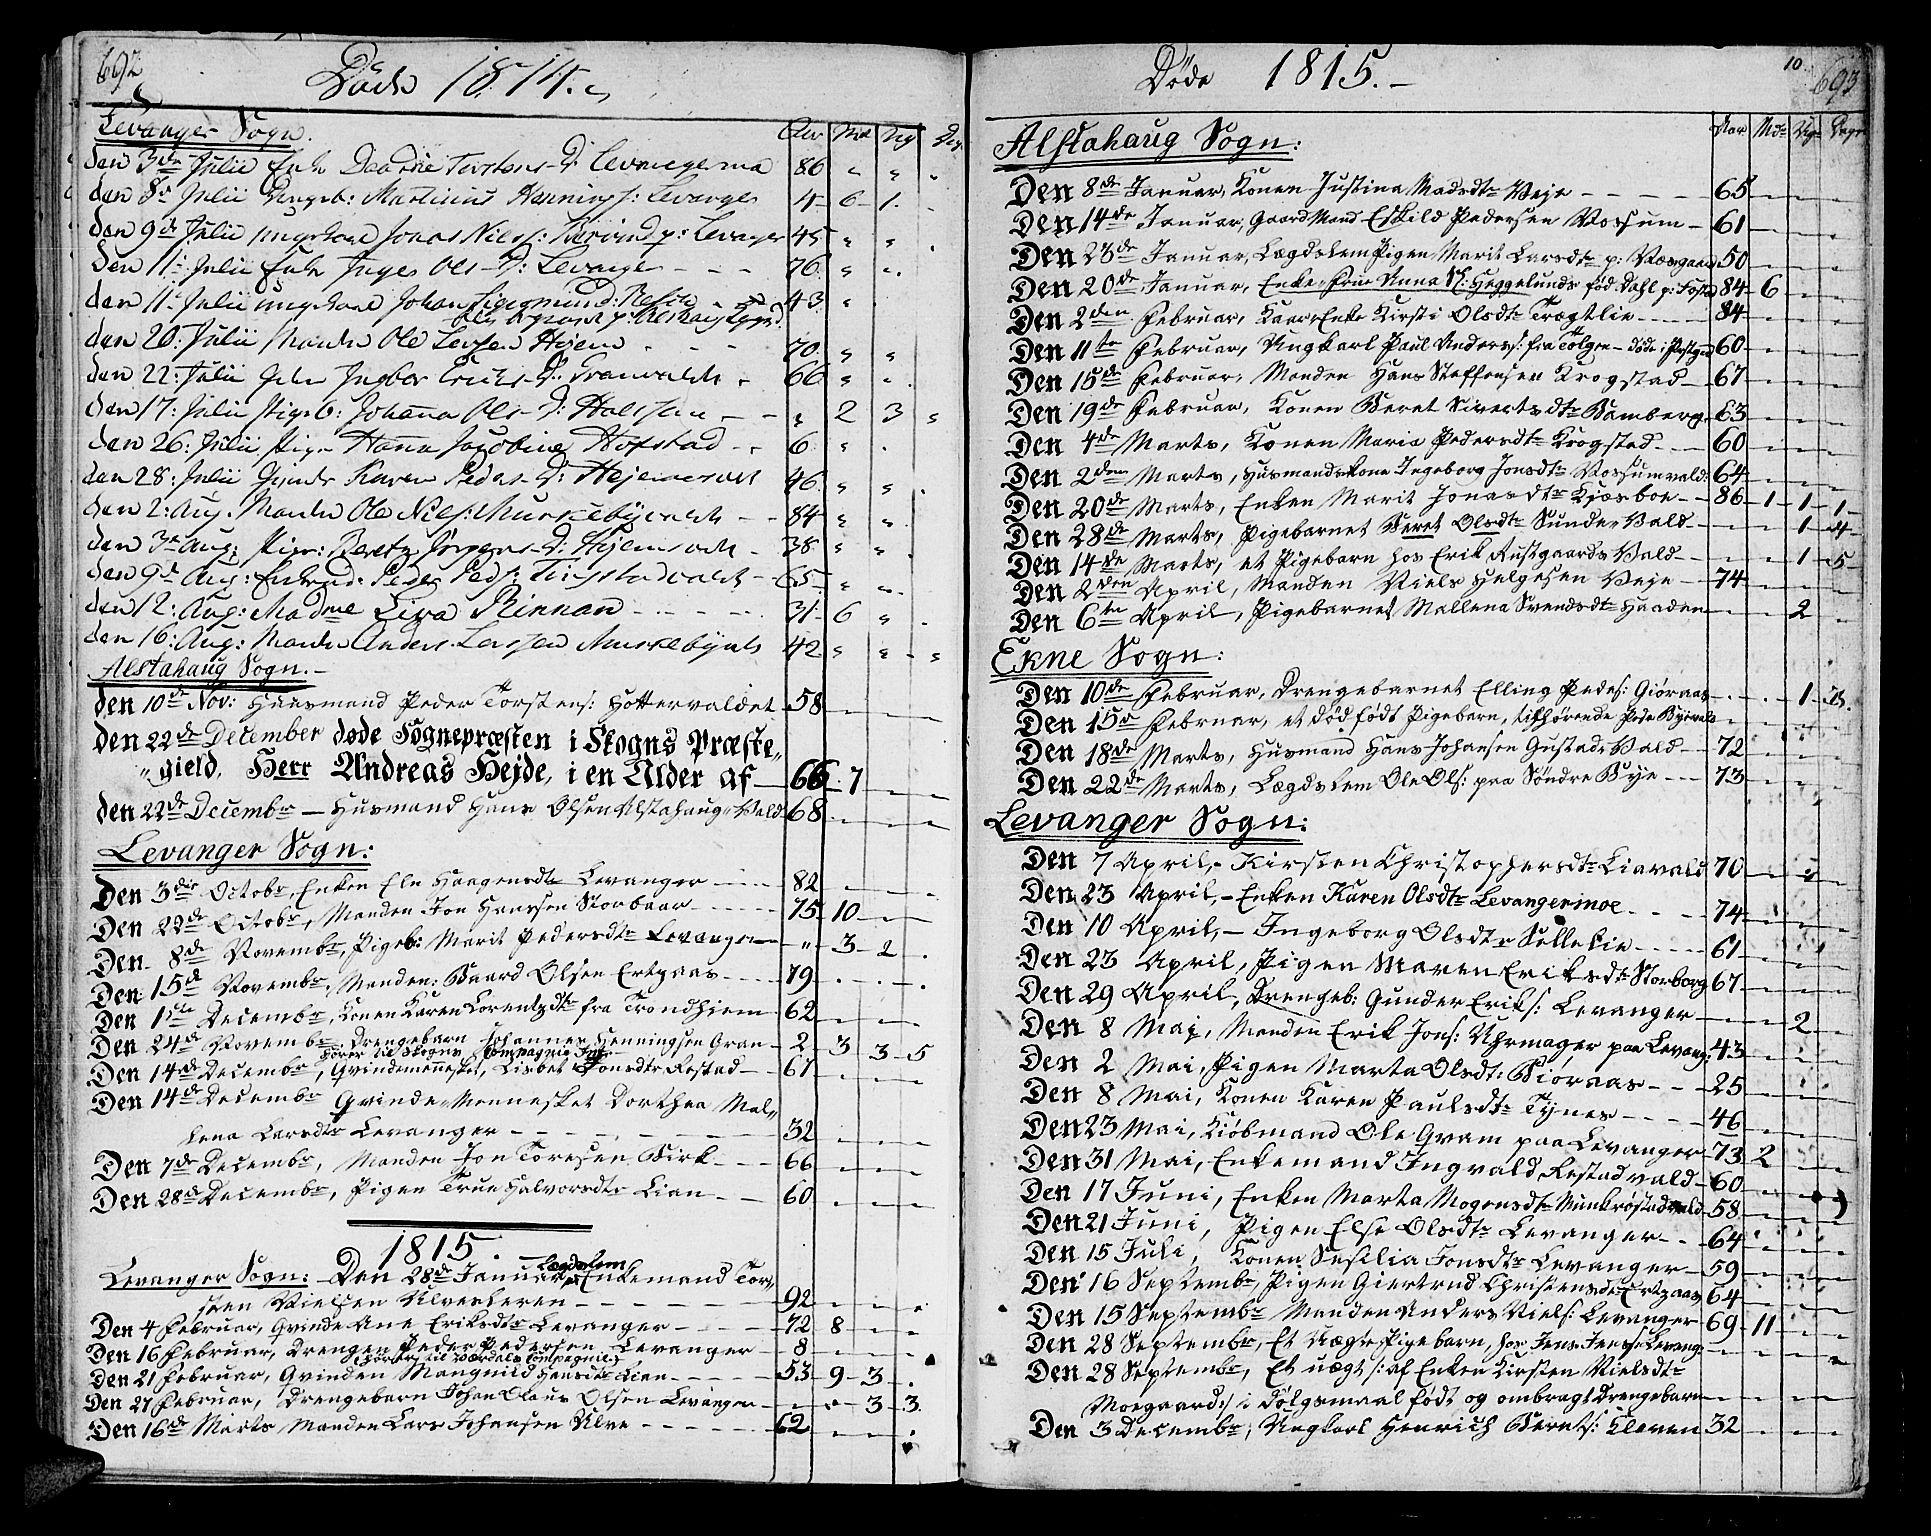 SAT, Ministerialprotokoller, klokkerbøker og fødselsregistre - Nord-Trøndelag, 717/L0145: Ministerialbok nr. 717A03 /1, 1810-1815, s. 692-693